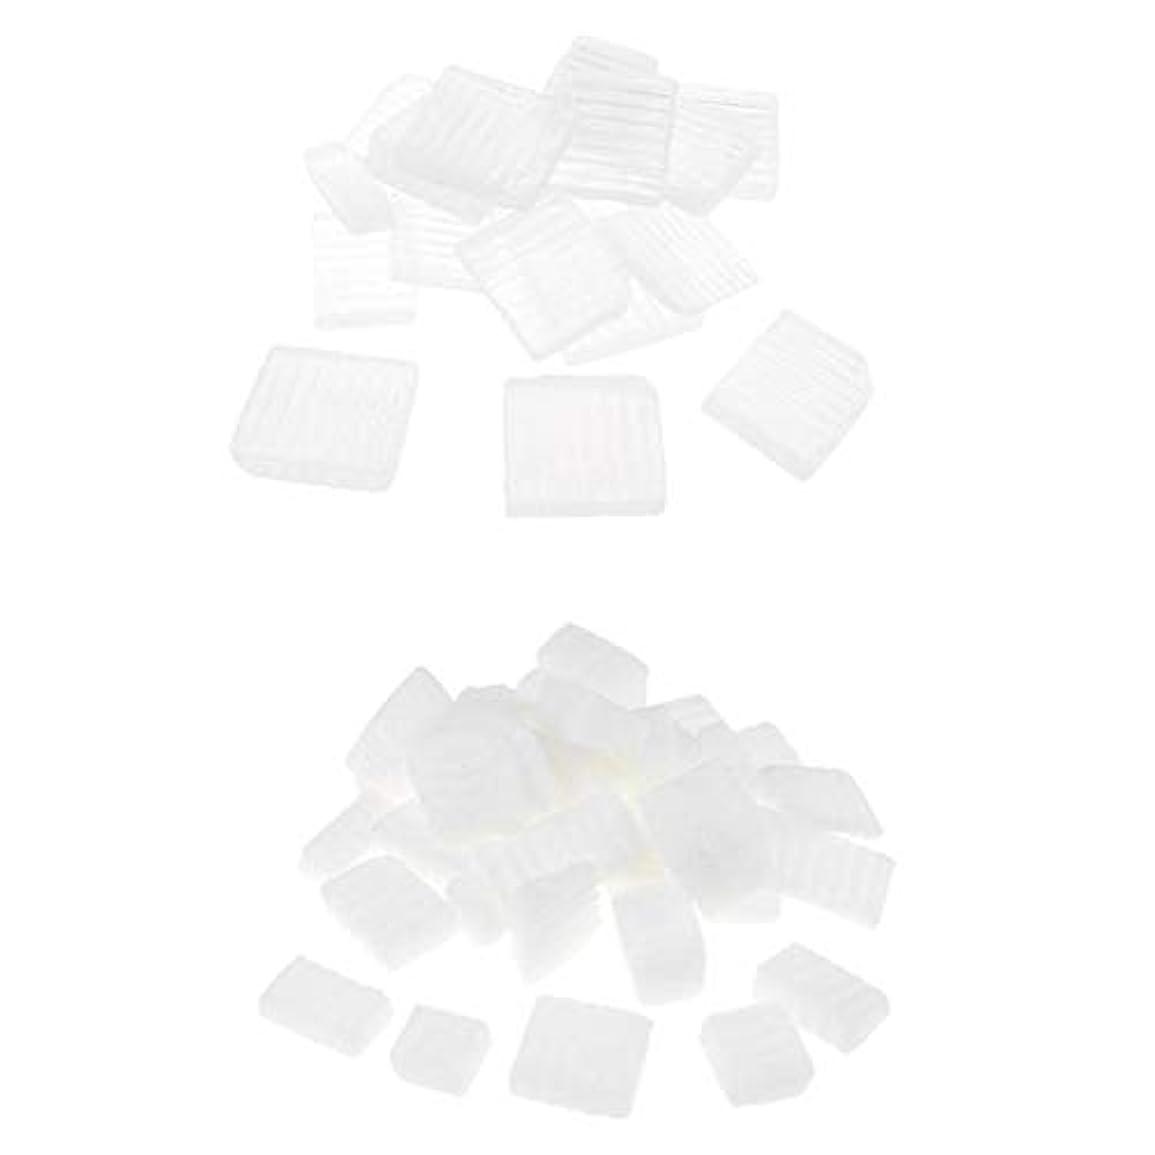 子羊寛容な退却Baoblaze 固形せっけん 2KG 2種 ホワイト 透明 DIYハンドメイド ソープ原料 石鹸製造 古典的